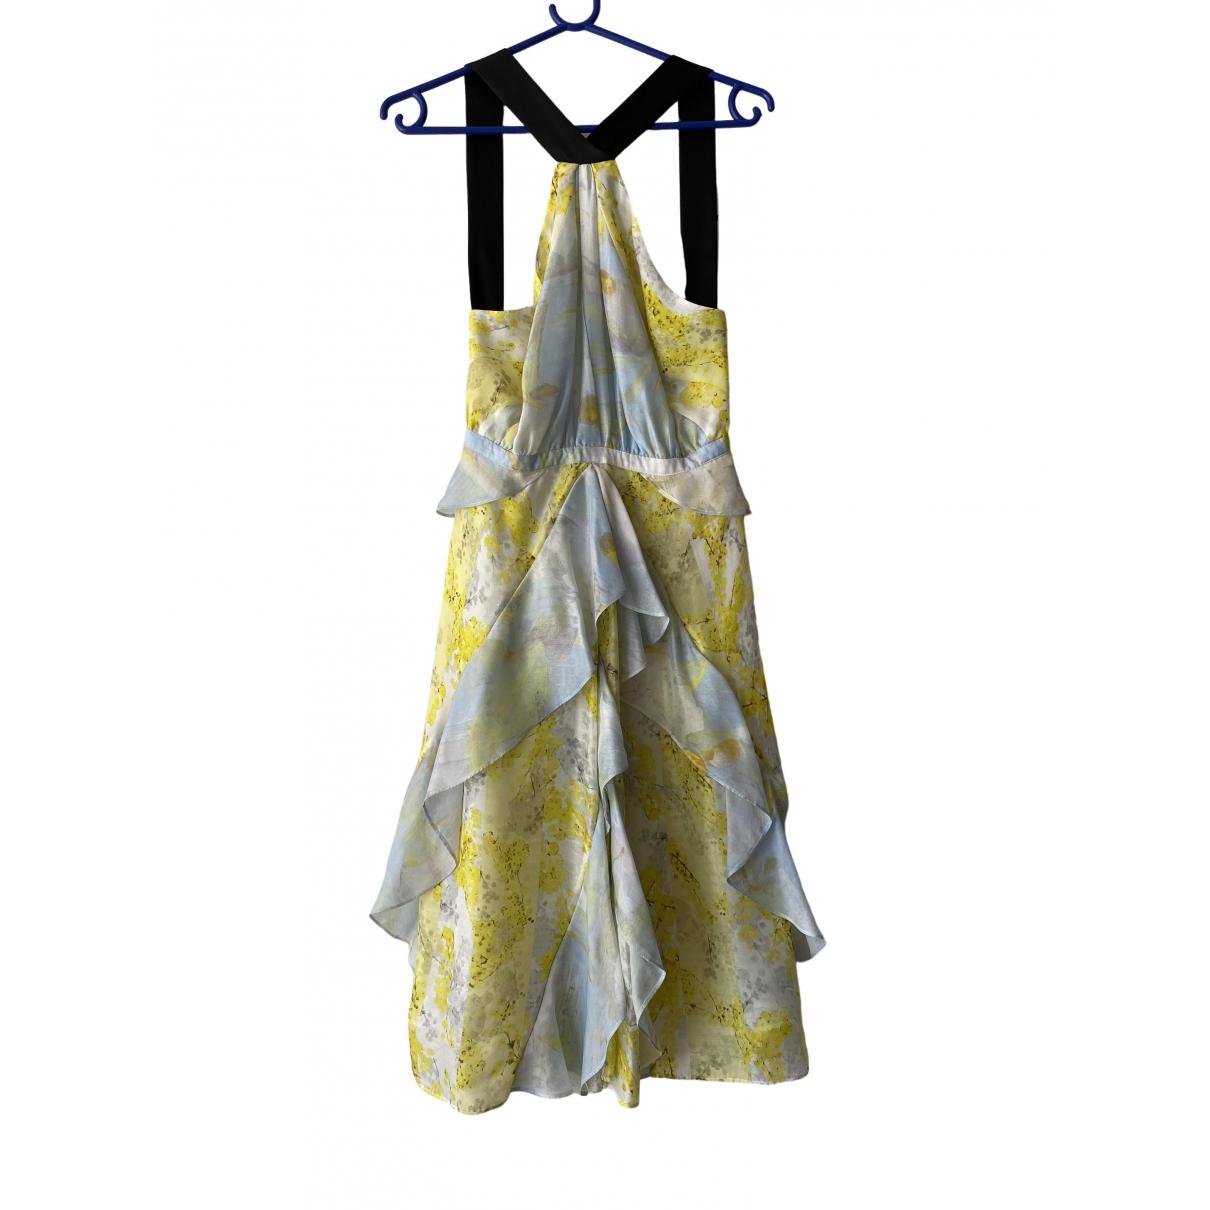 H&m Conscious Exclusive - Robe   pour femme en soie - multicolore